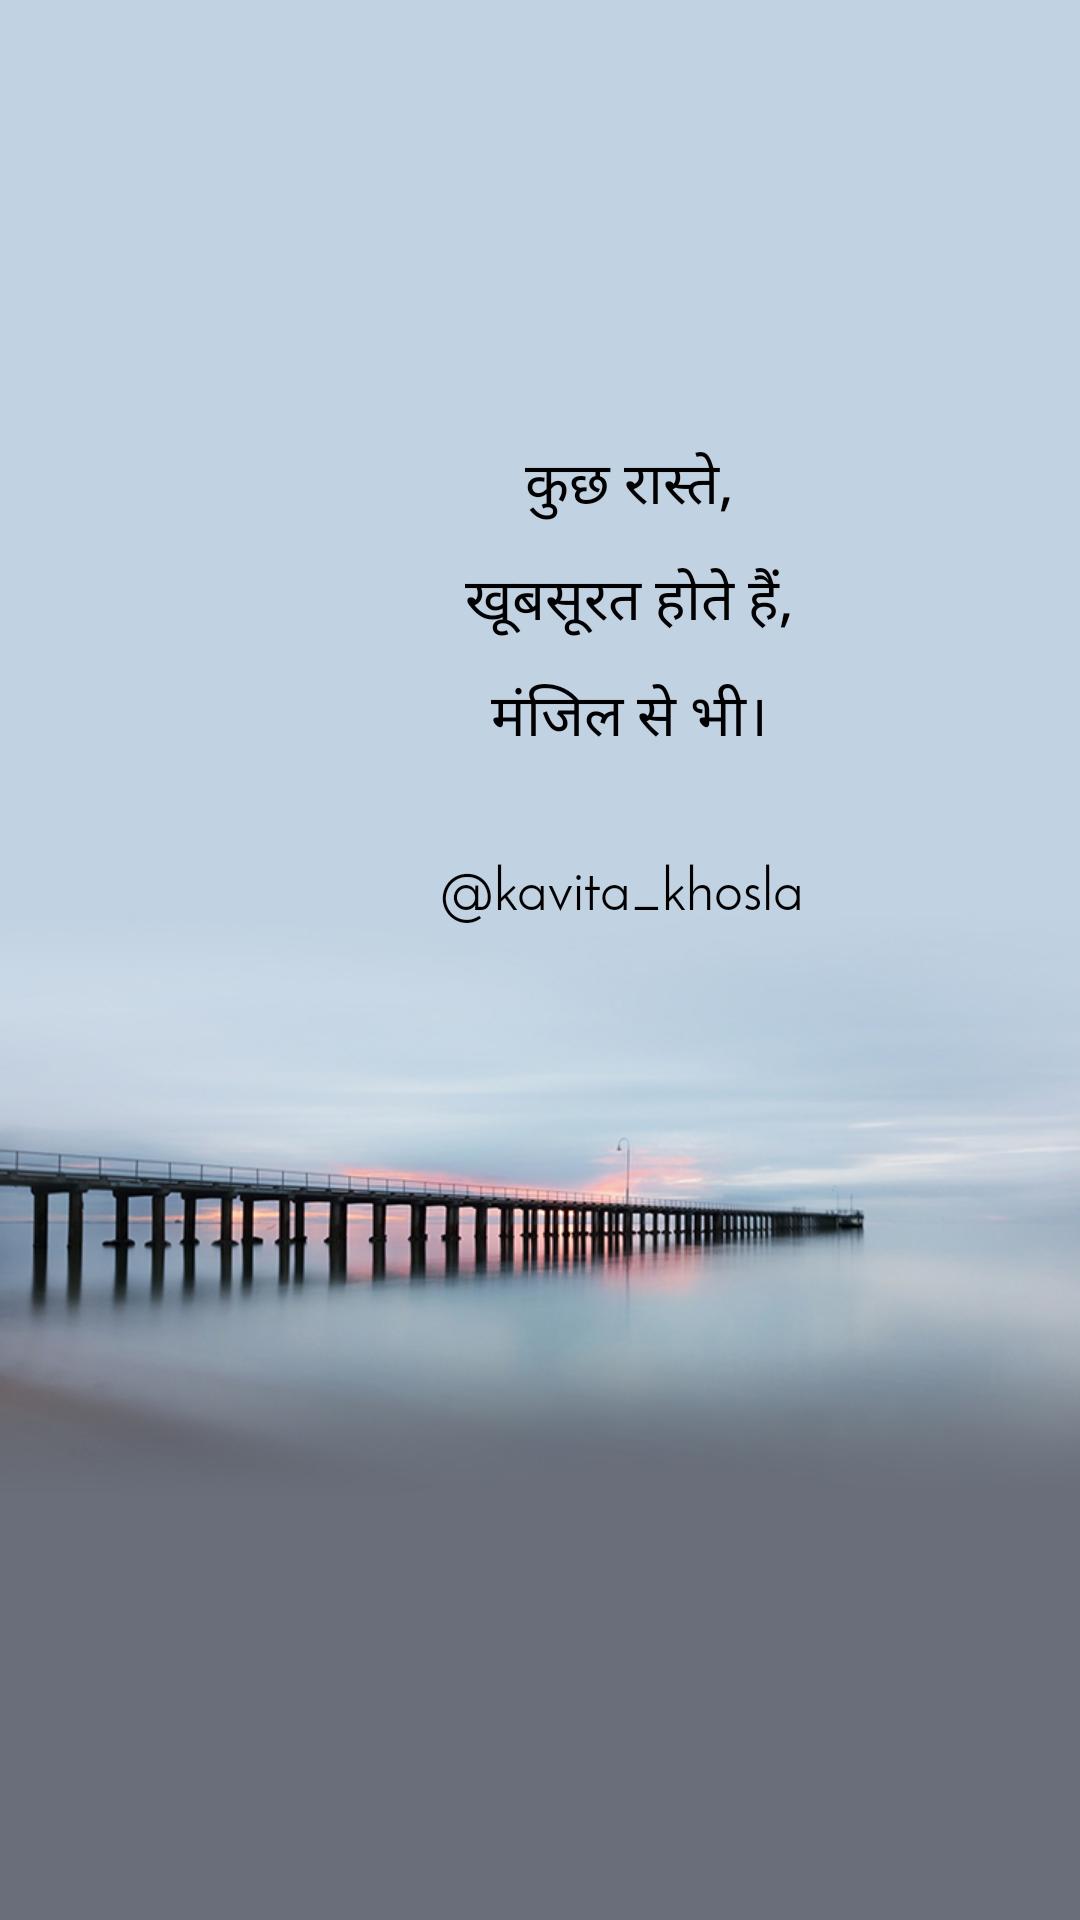 कुछ रास्ते,  खूबसूरत होते हैं,  मंजिल से भी।   @kavita_khosla